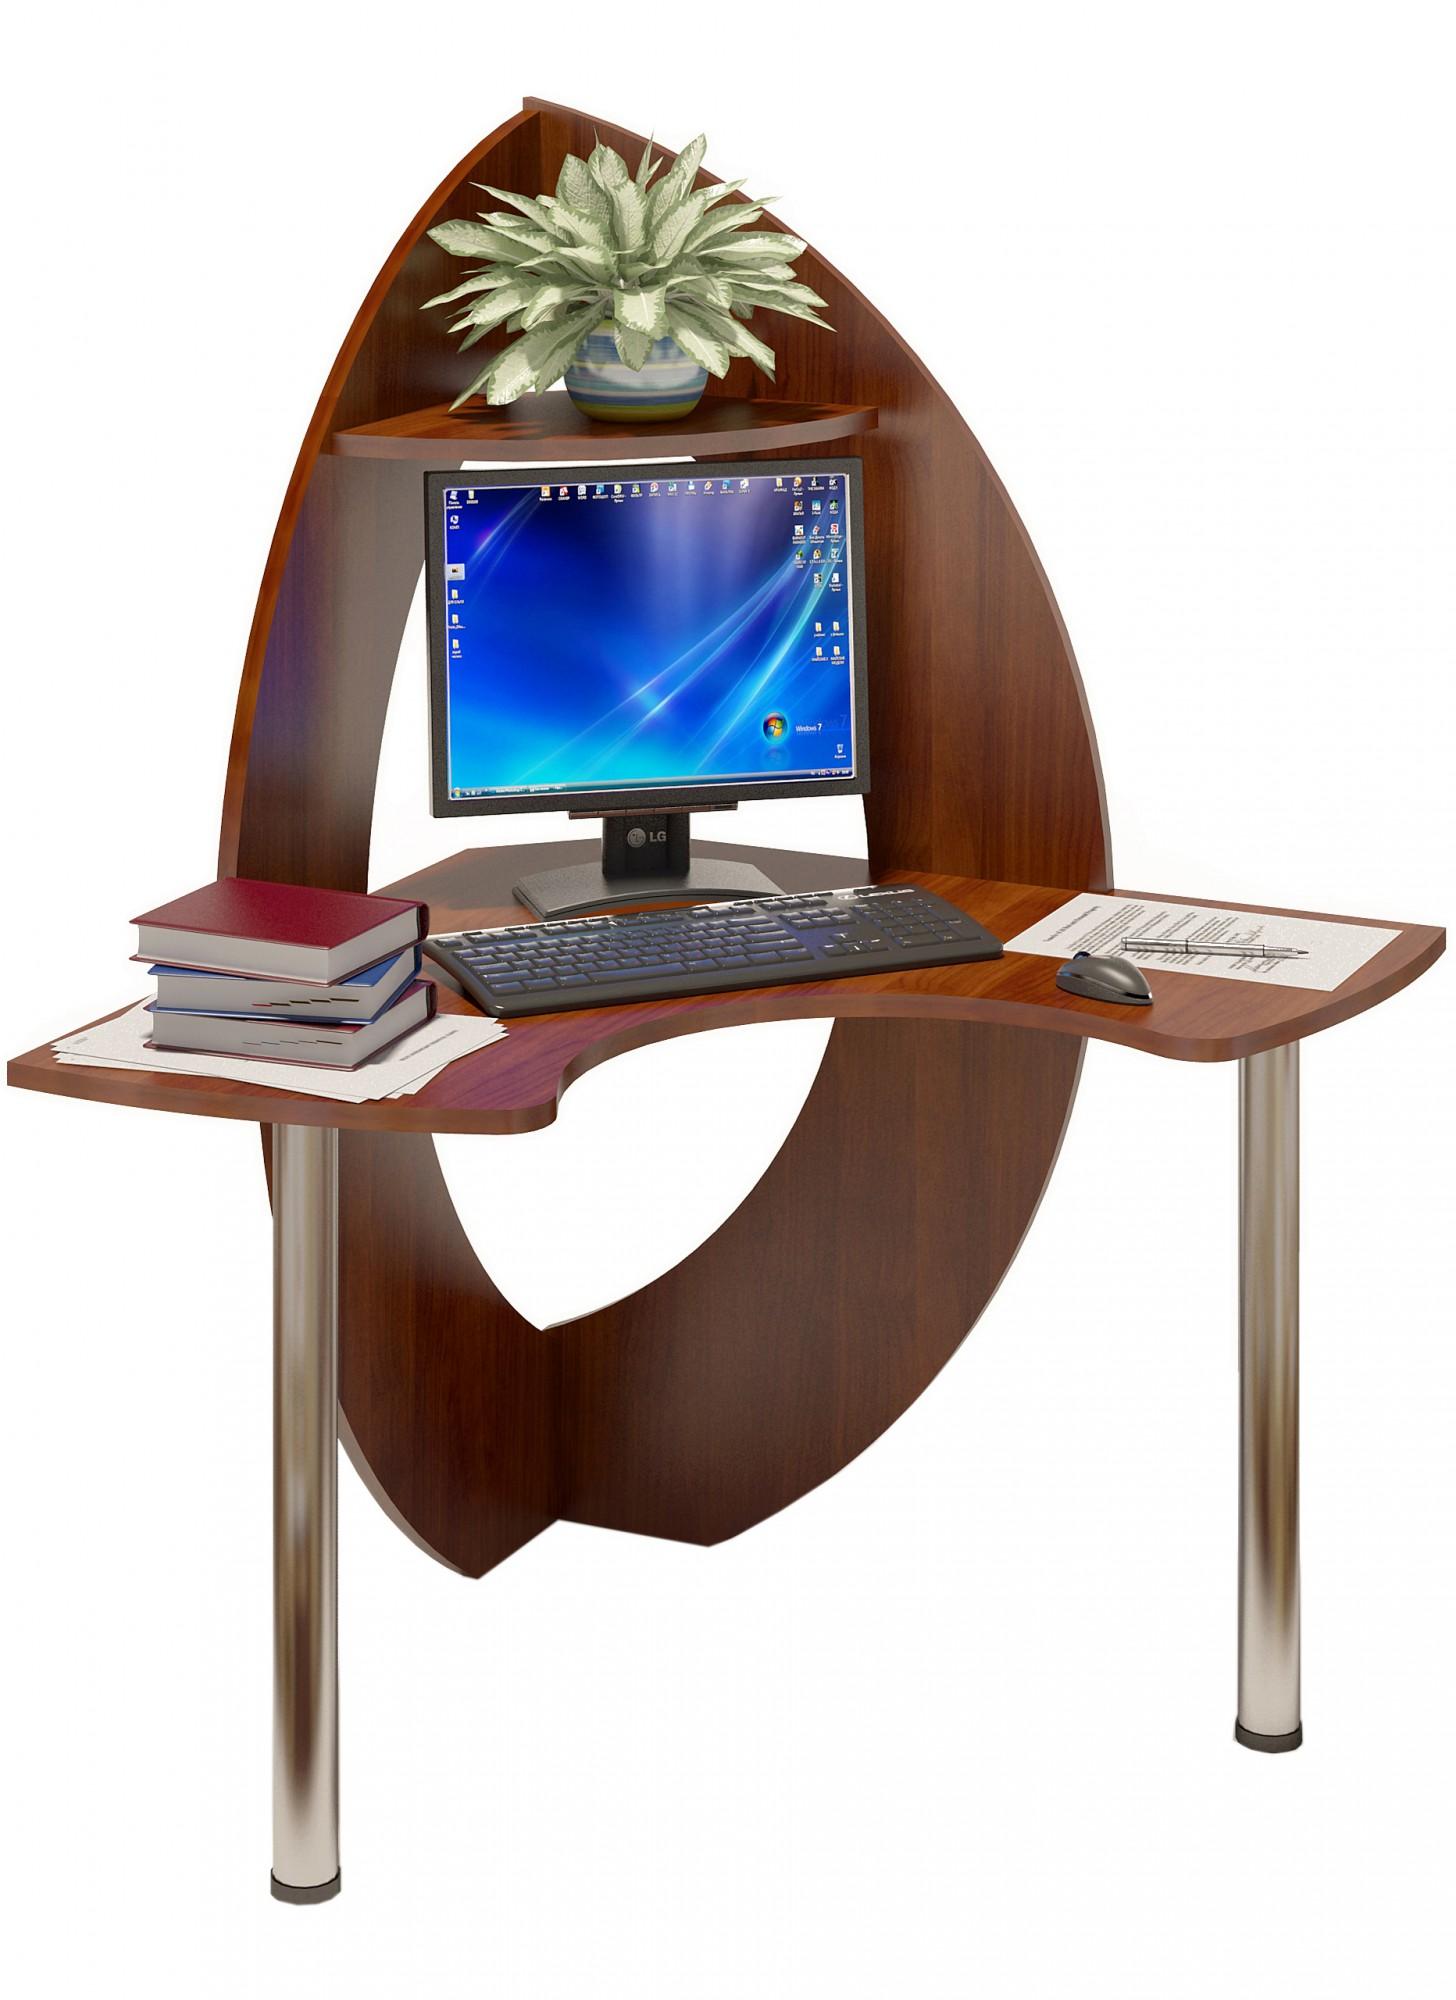 Стол компьютерный кст-101 купить мебель и комплектующие в ин.